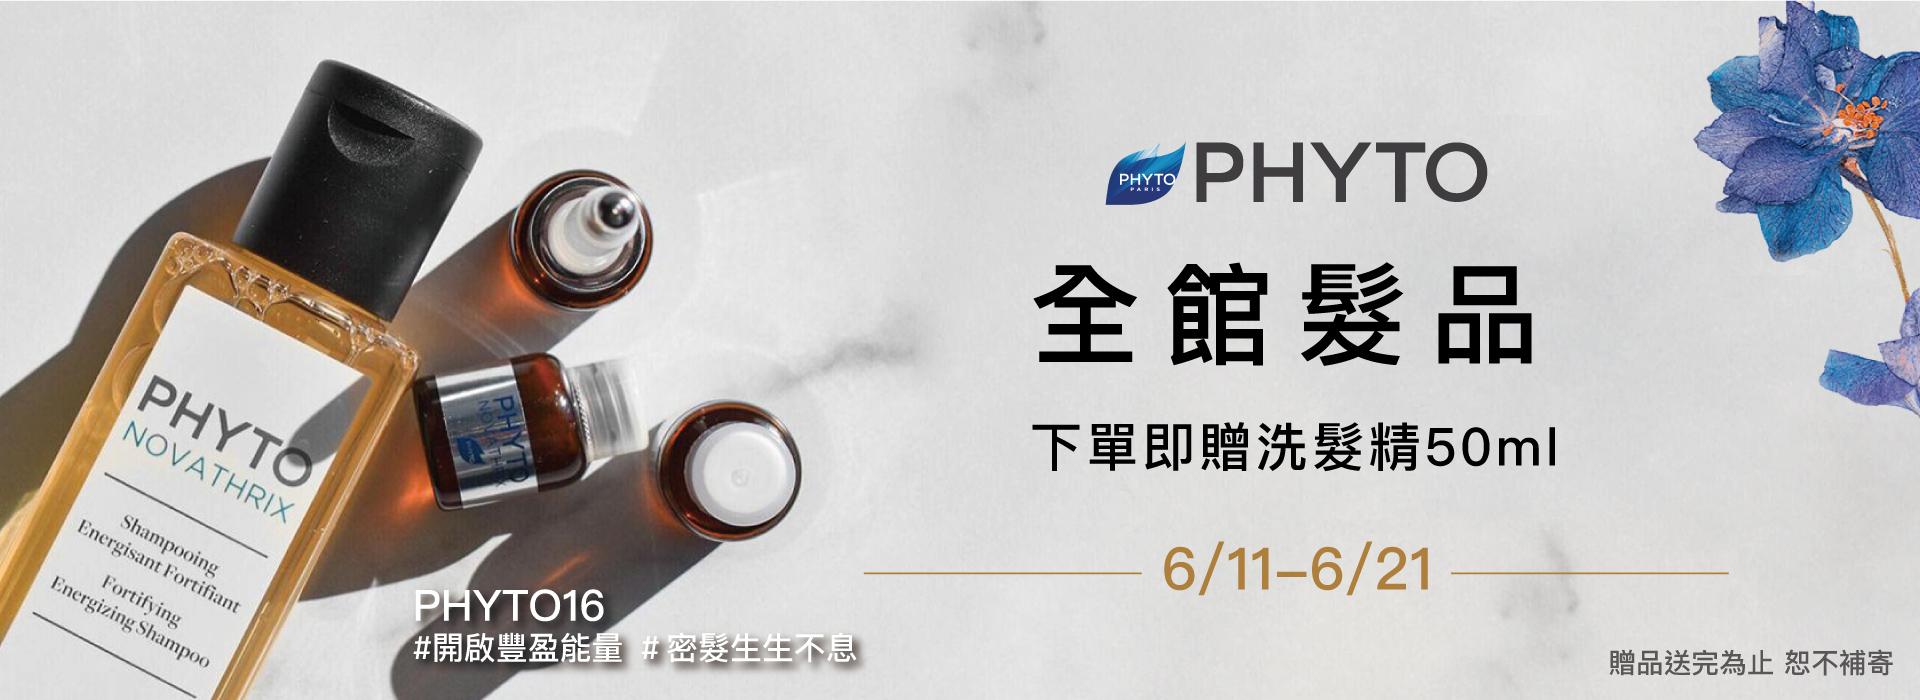 2021年6月11日~6月21日購買PHYTO髮朵品牌商品,不限金額買就送PHYTO髮朵-煥采蘋果花洗髮精50mL